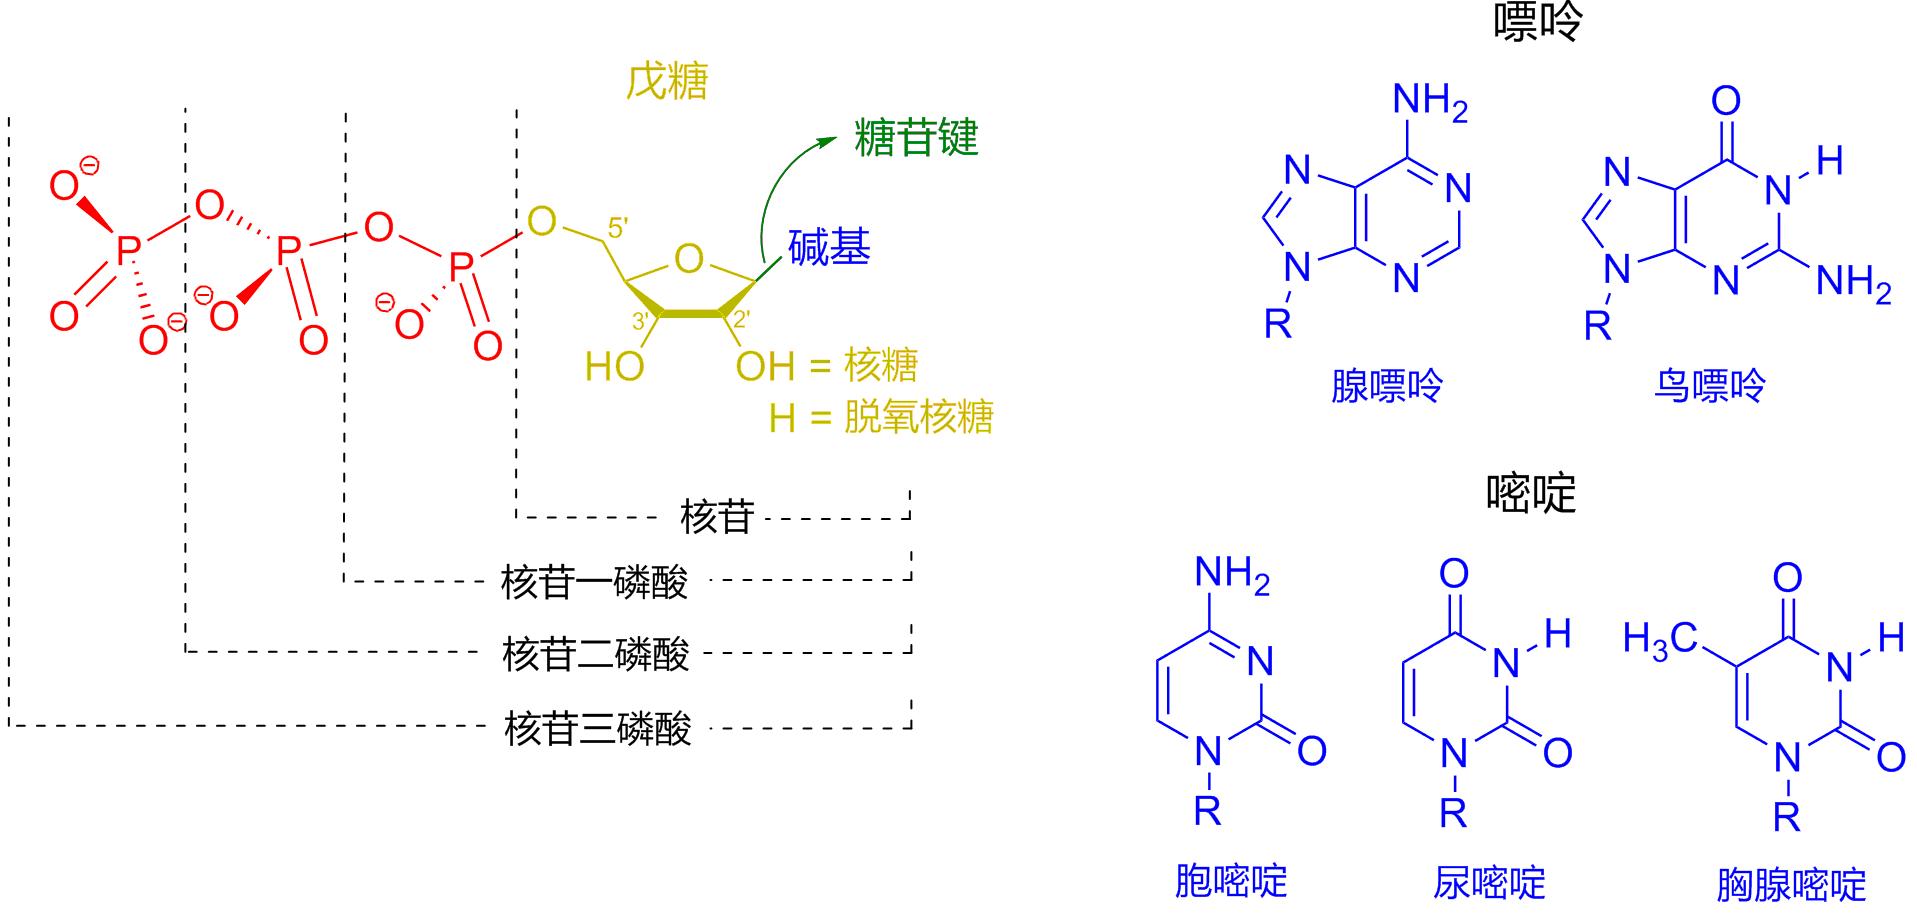 核苷酸的结构